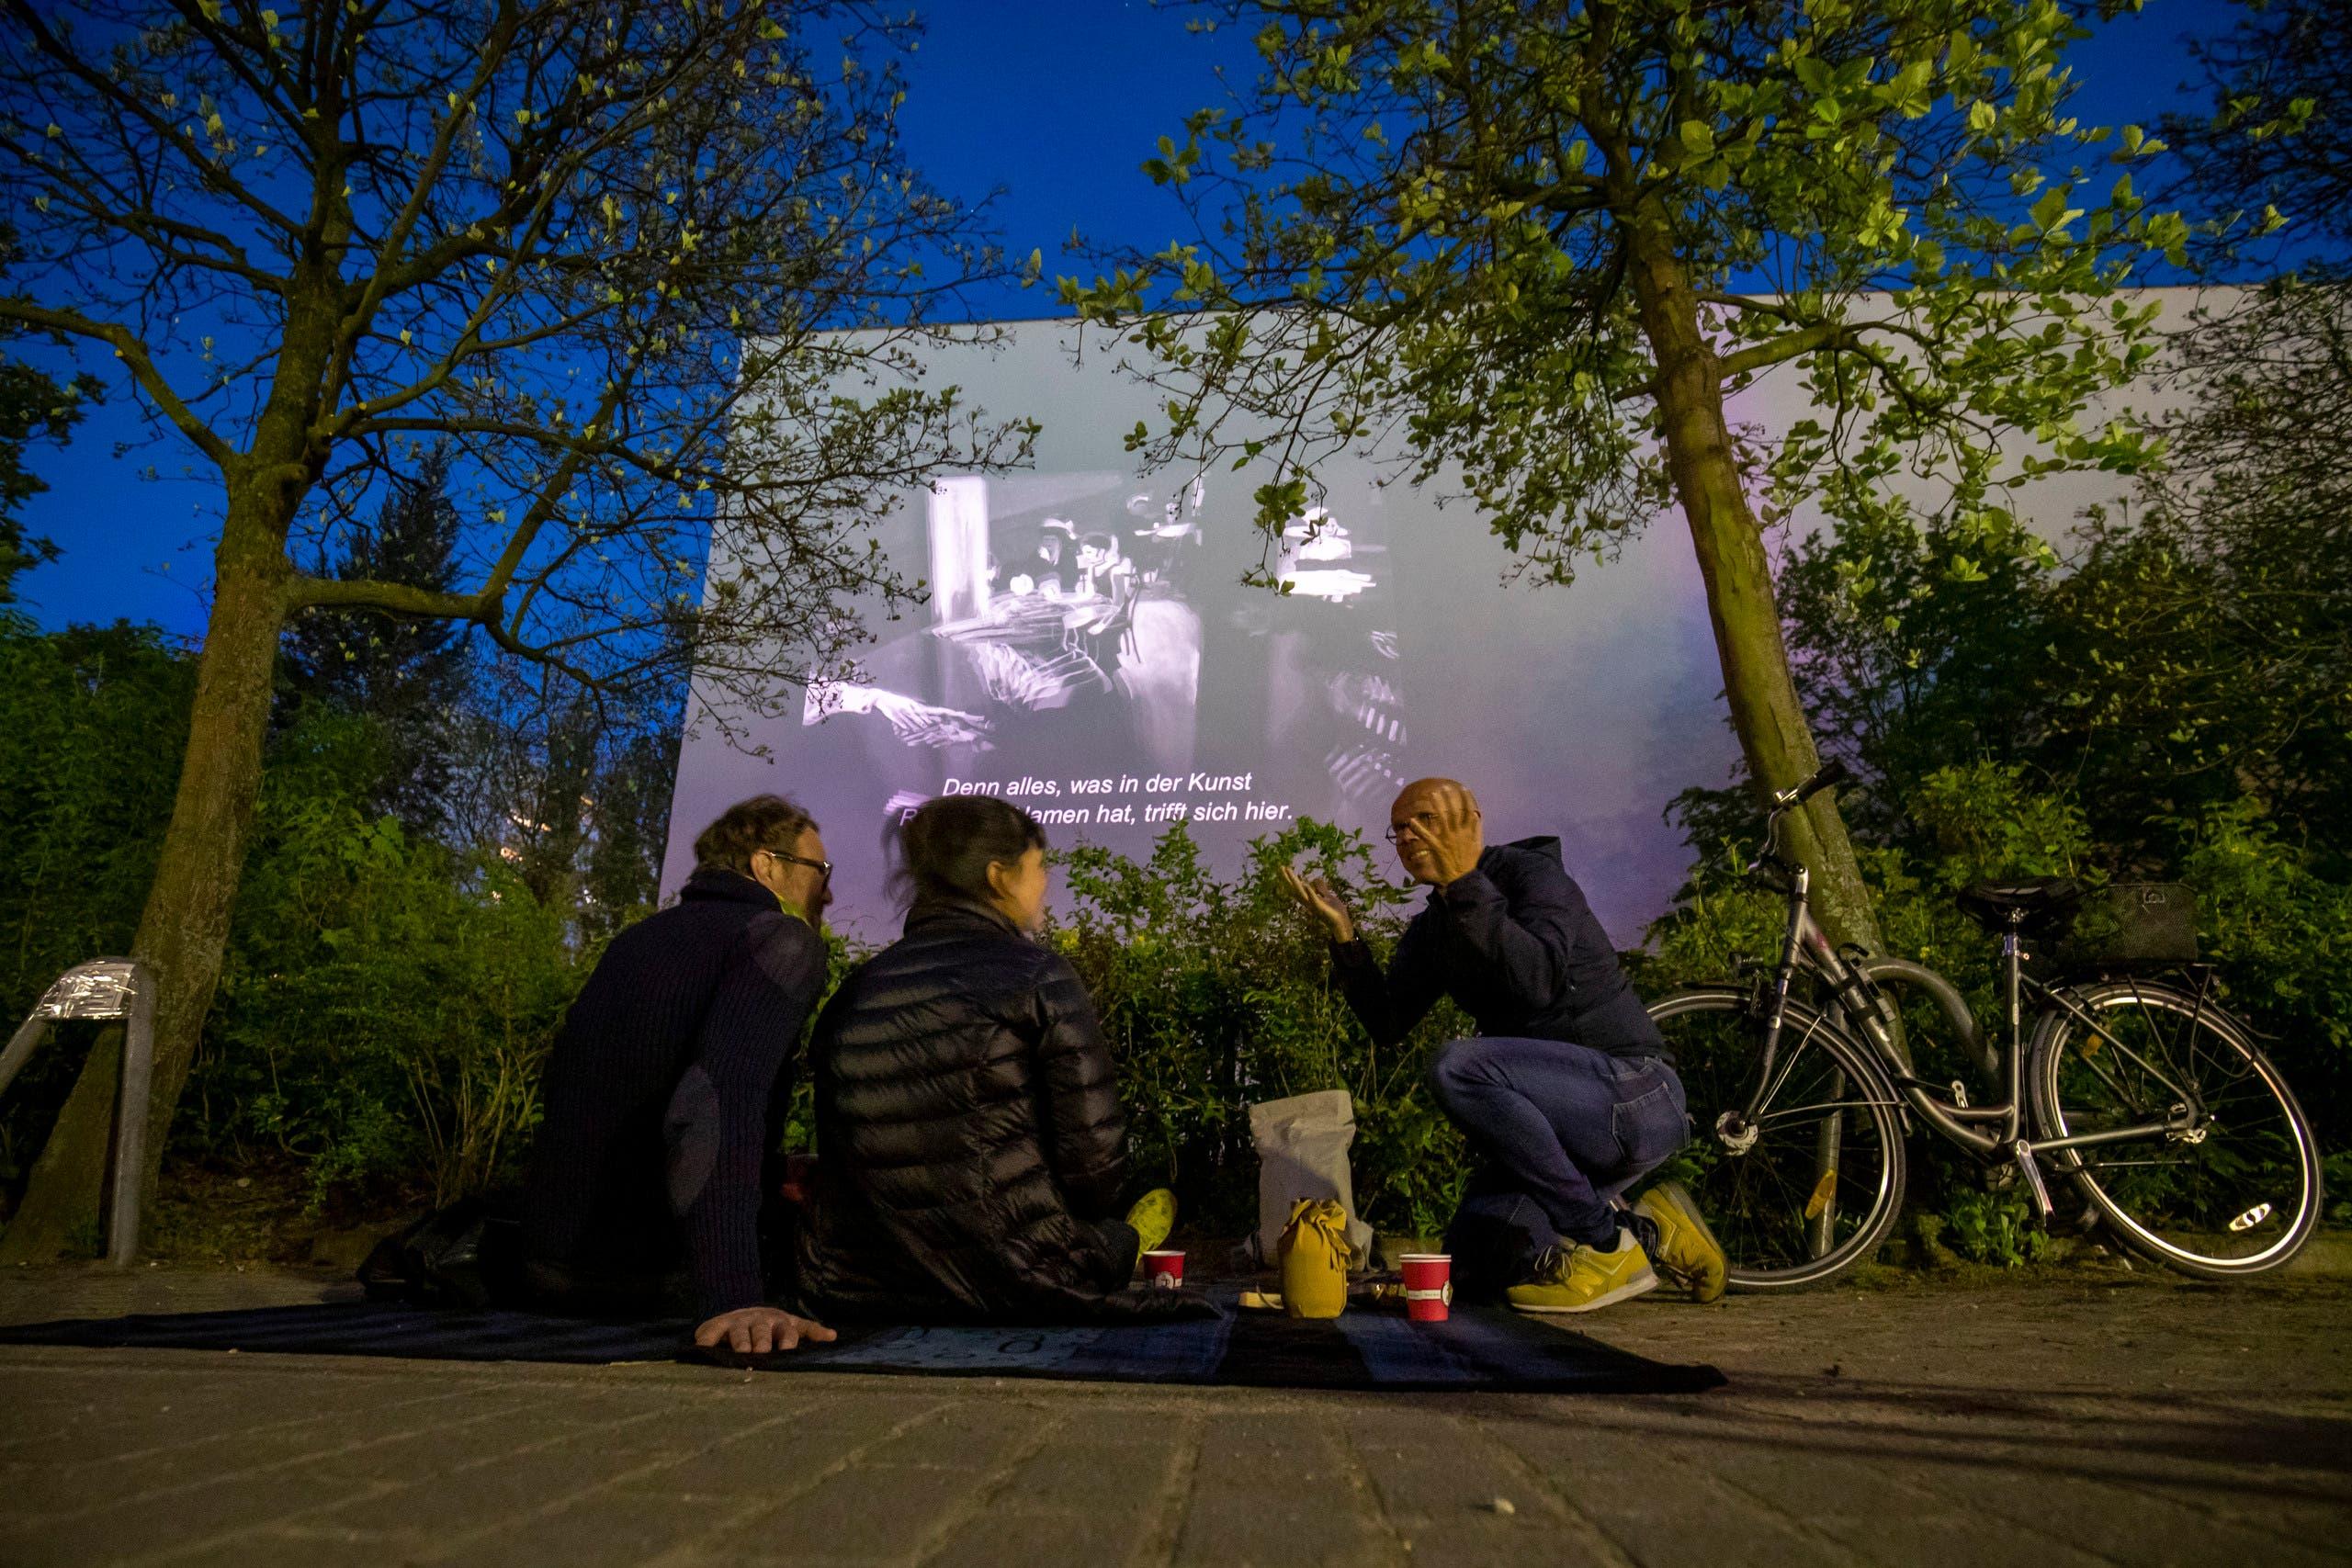 سكان جلسوا في الباحخة لمشاهدة الفيلم